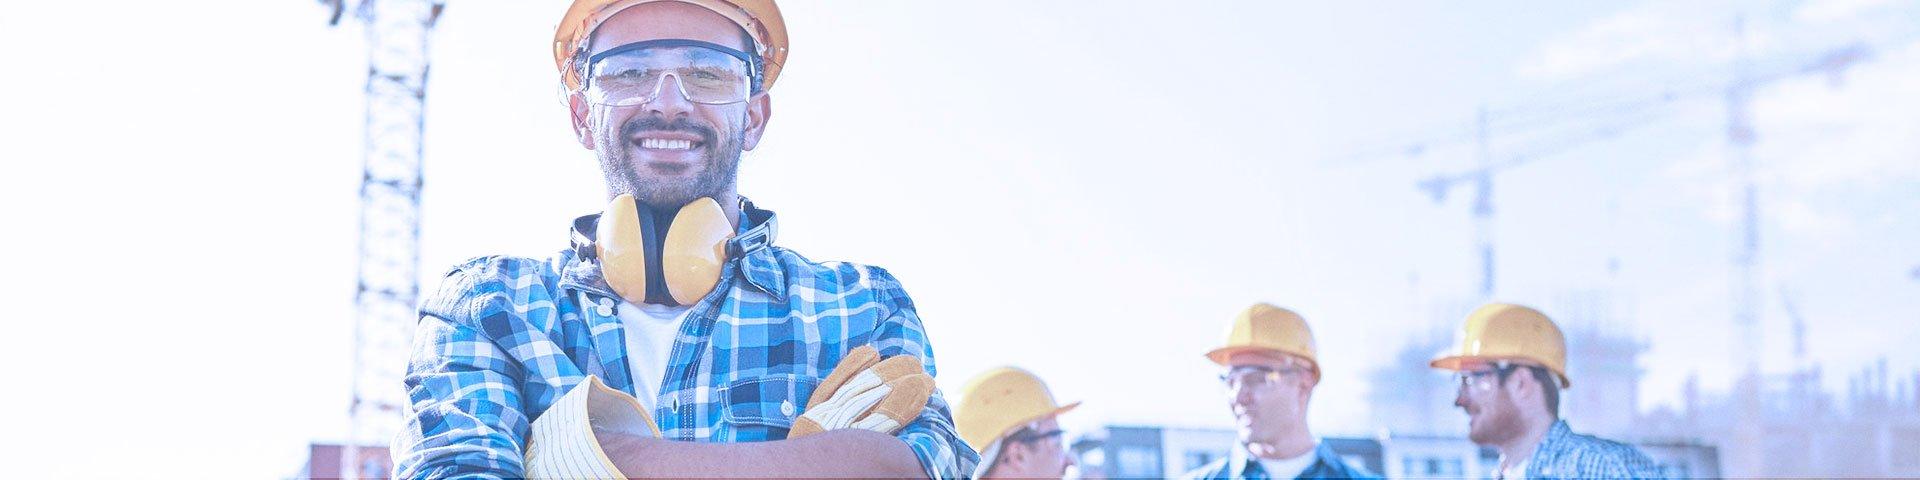 trabalhadores felizes com equipamentos de segurança